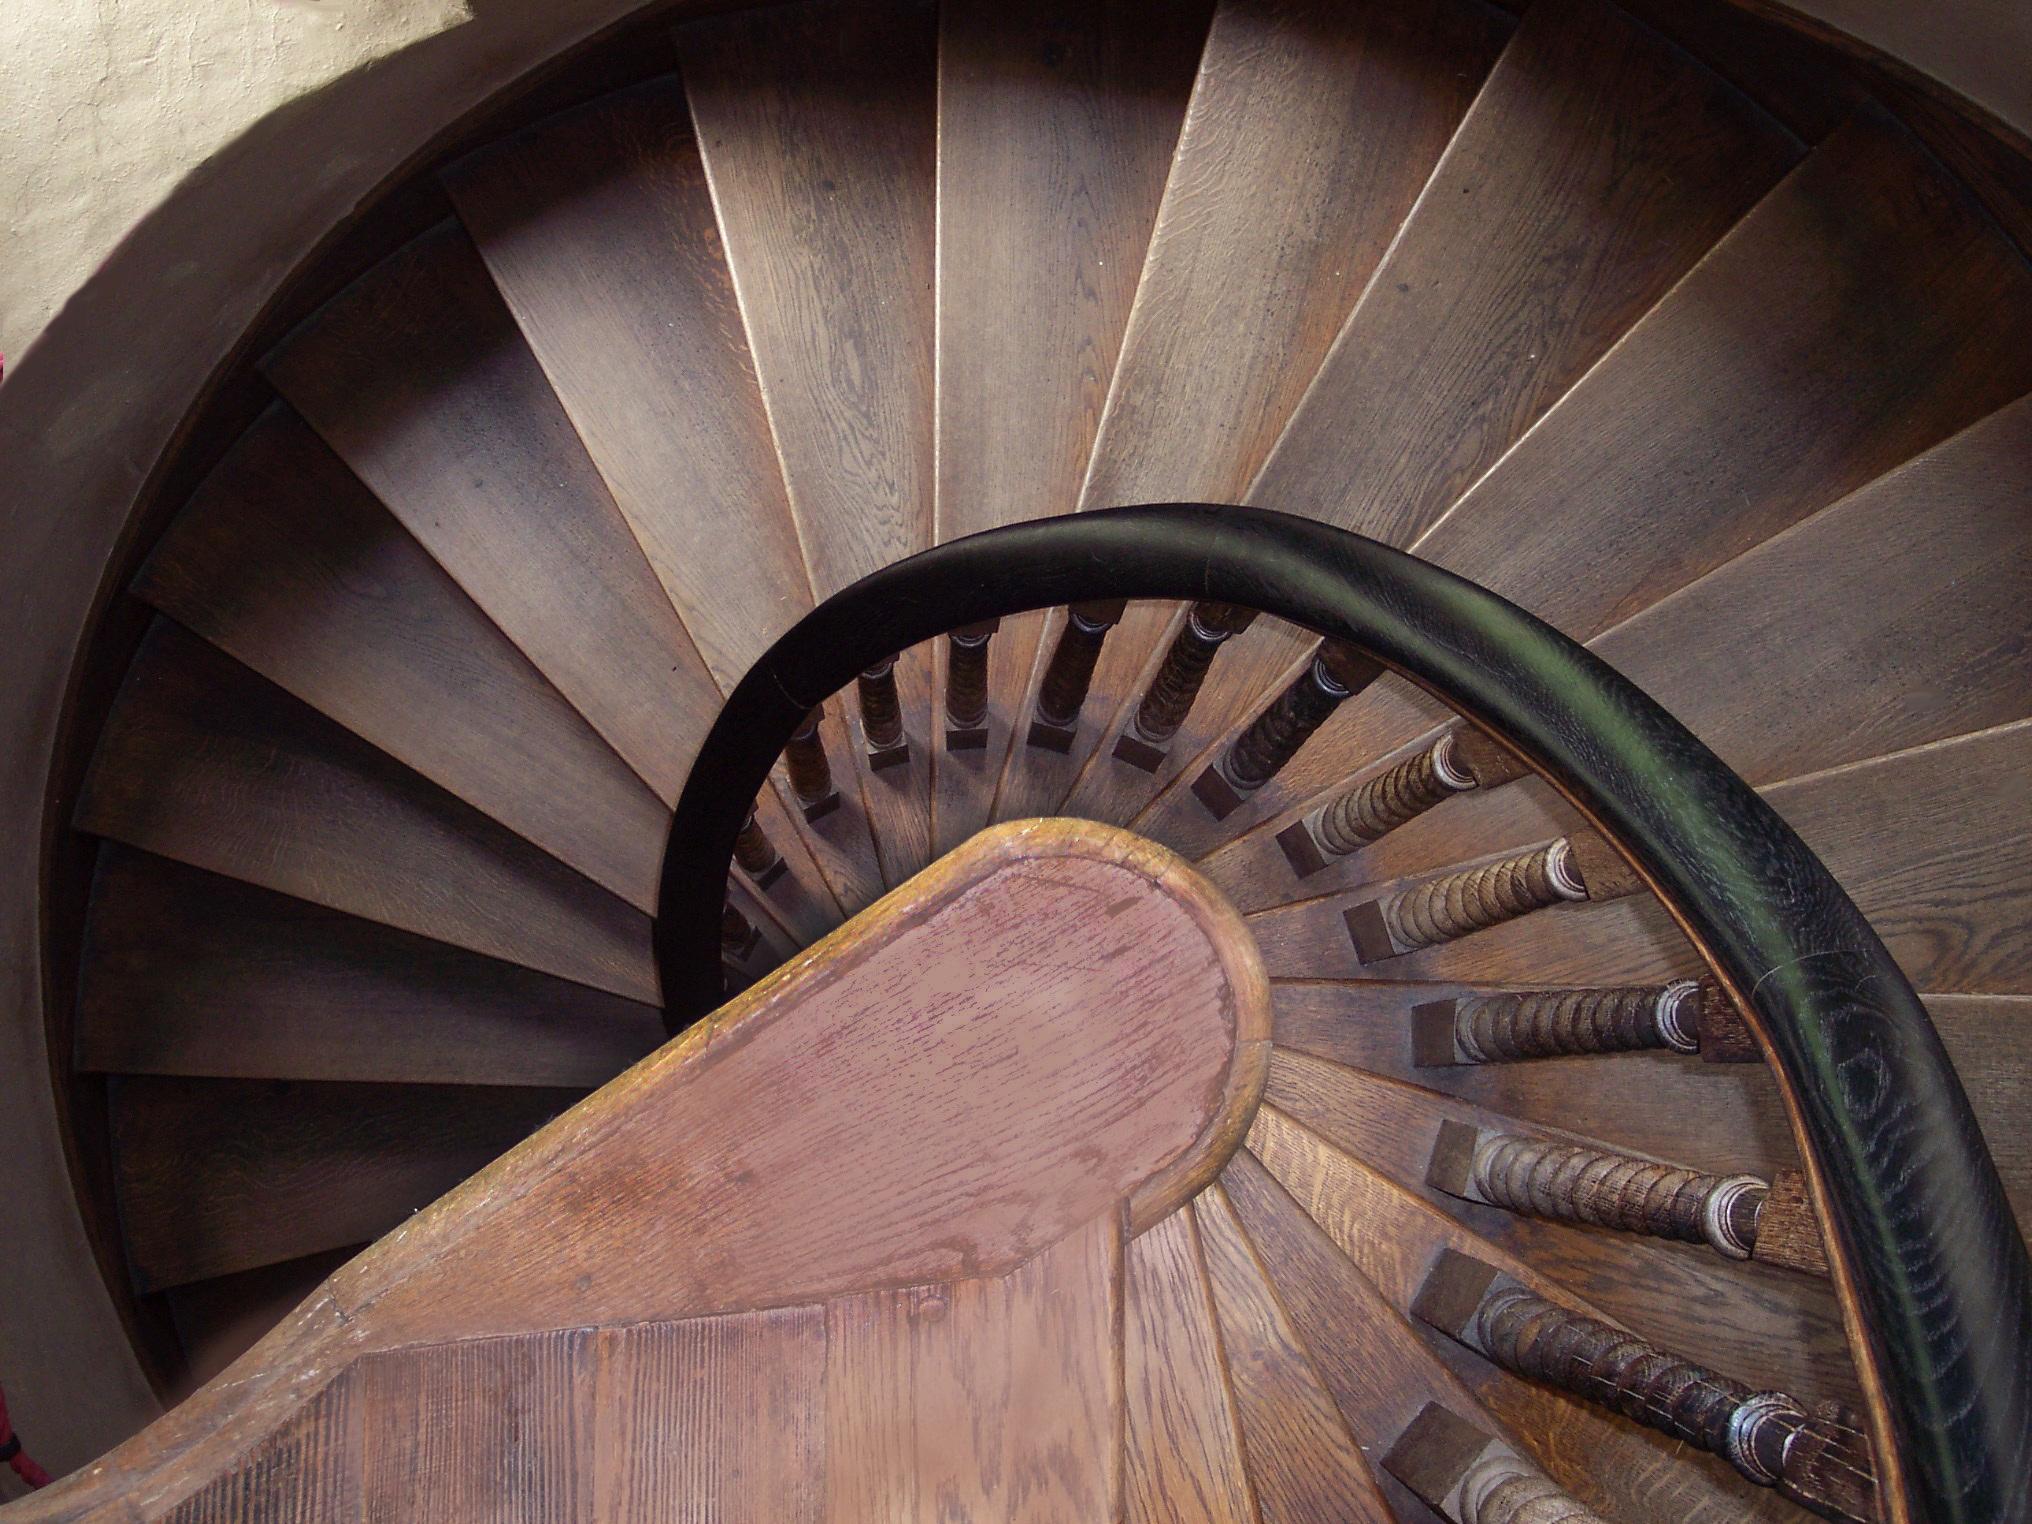 населённый лестницы круг фото набор